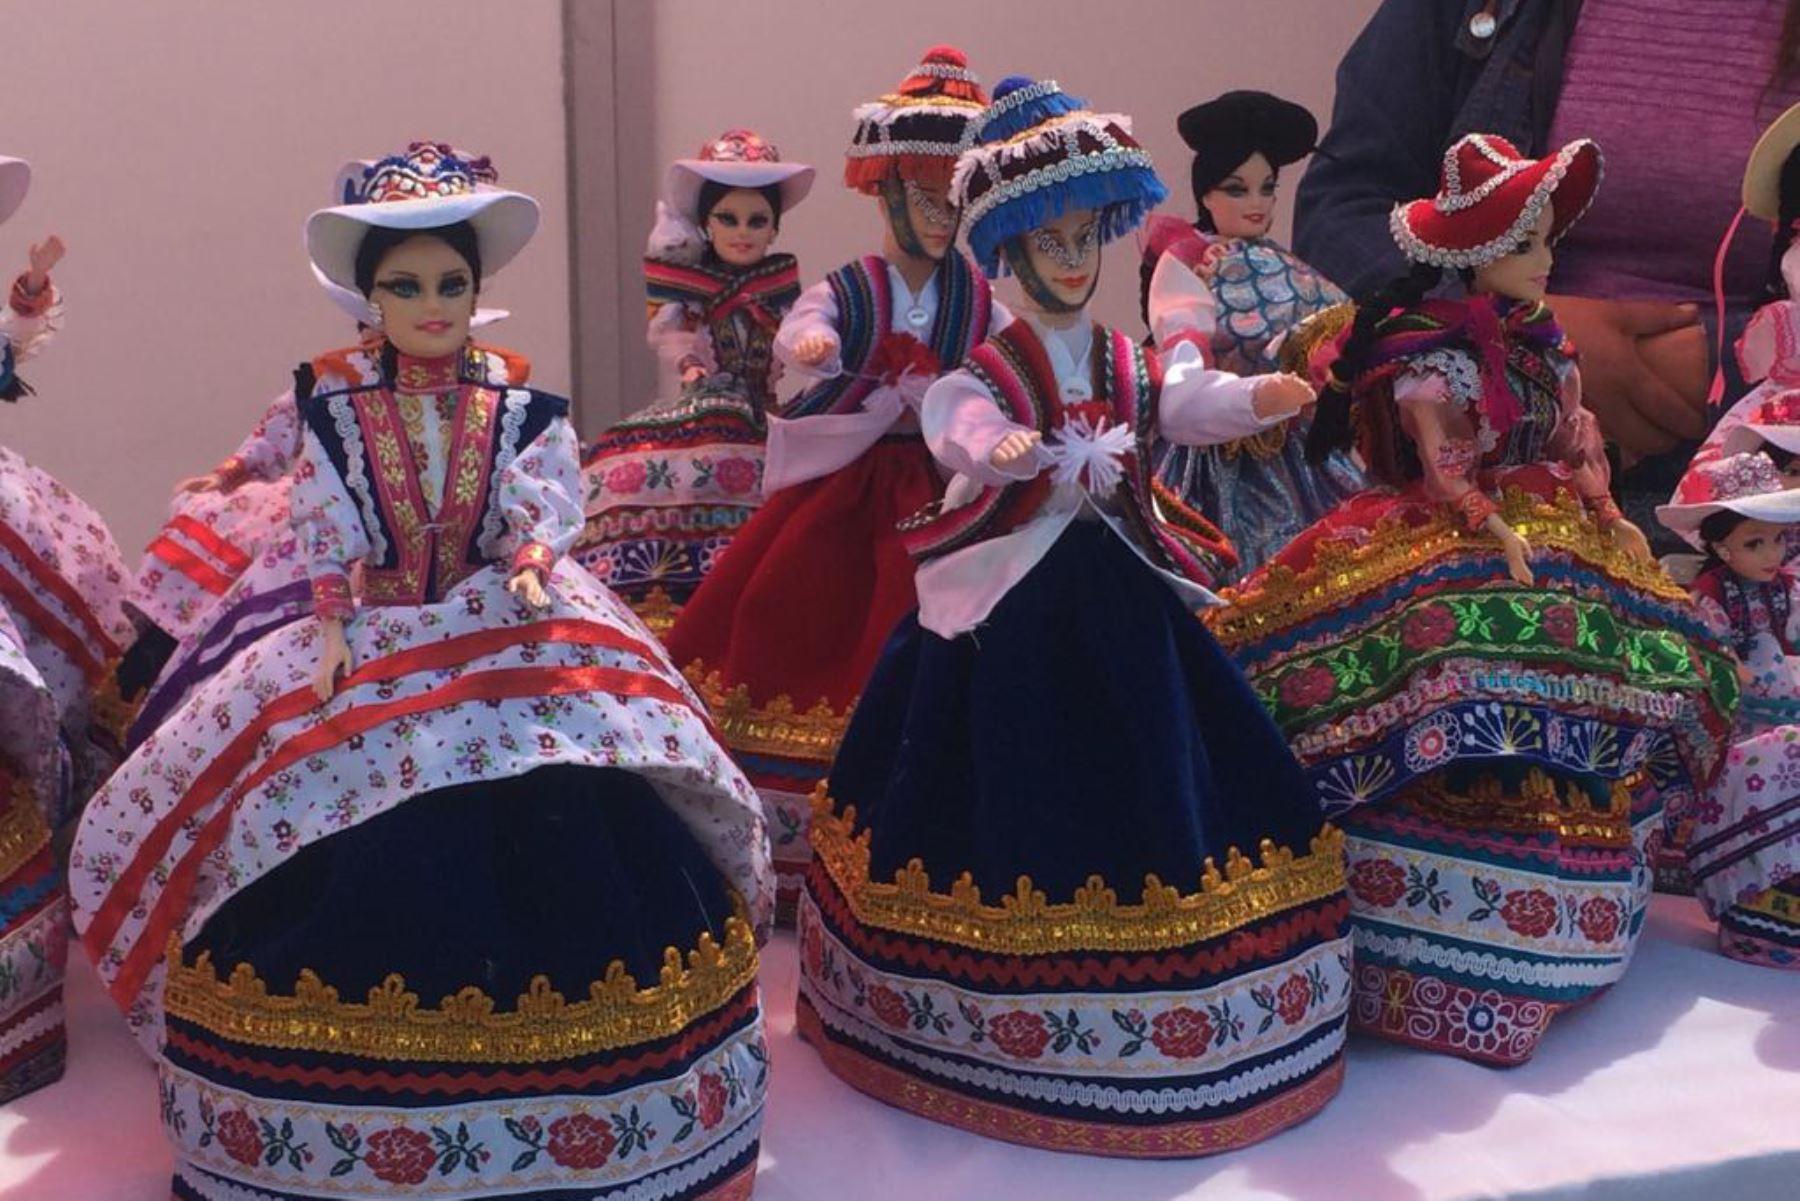 Artesanos de la región Arequipa lucen su variada producción en la Feria Artesanal Fundo El Fierro, organizada con motivo del aniversario de la Ciudad Blanca. Foto: ANDINA/Rocío Méndez